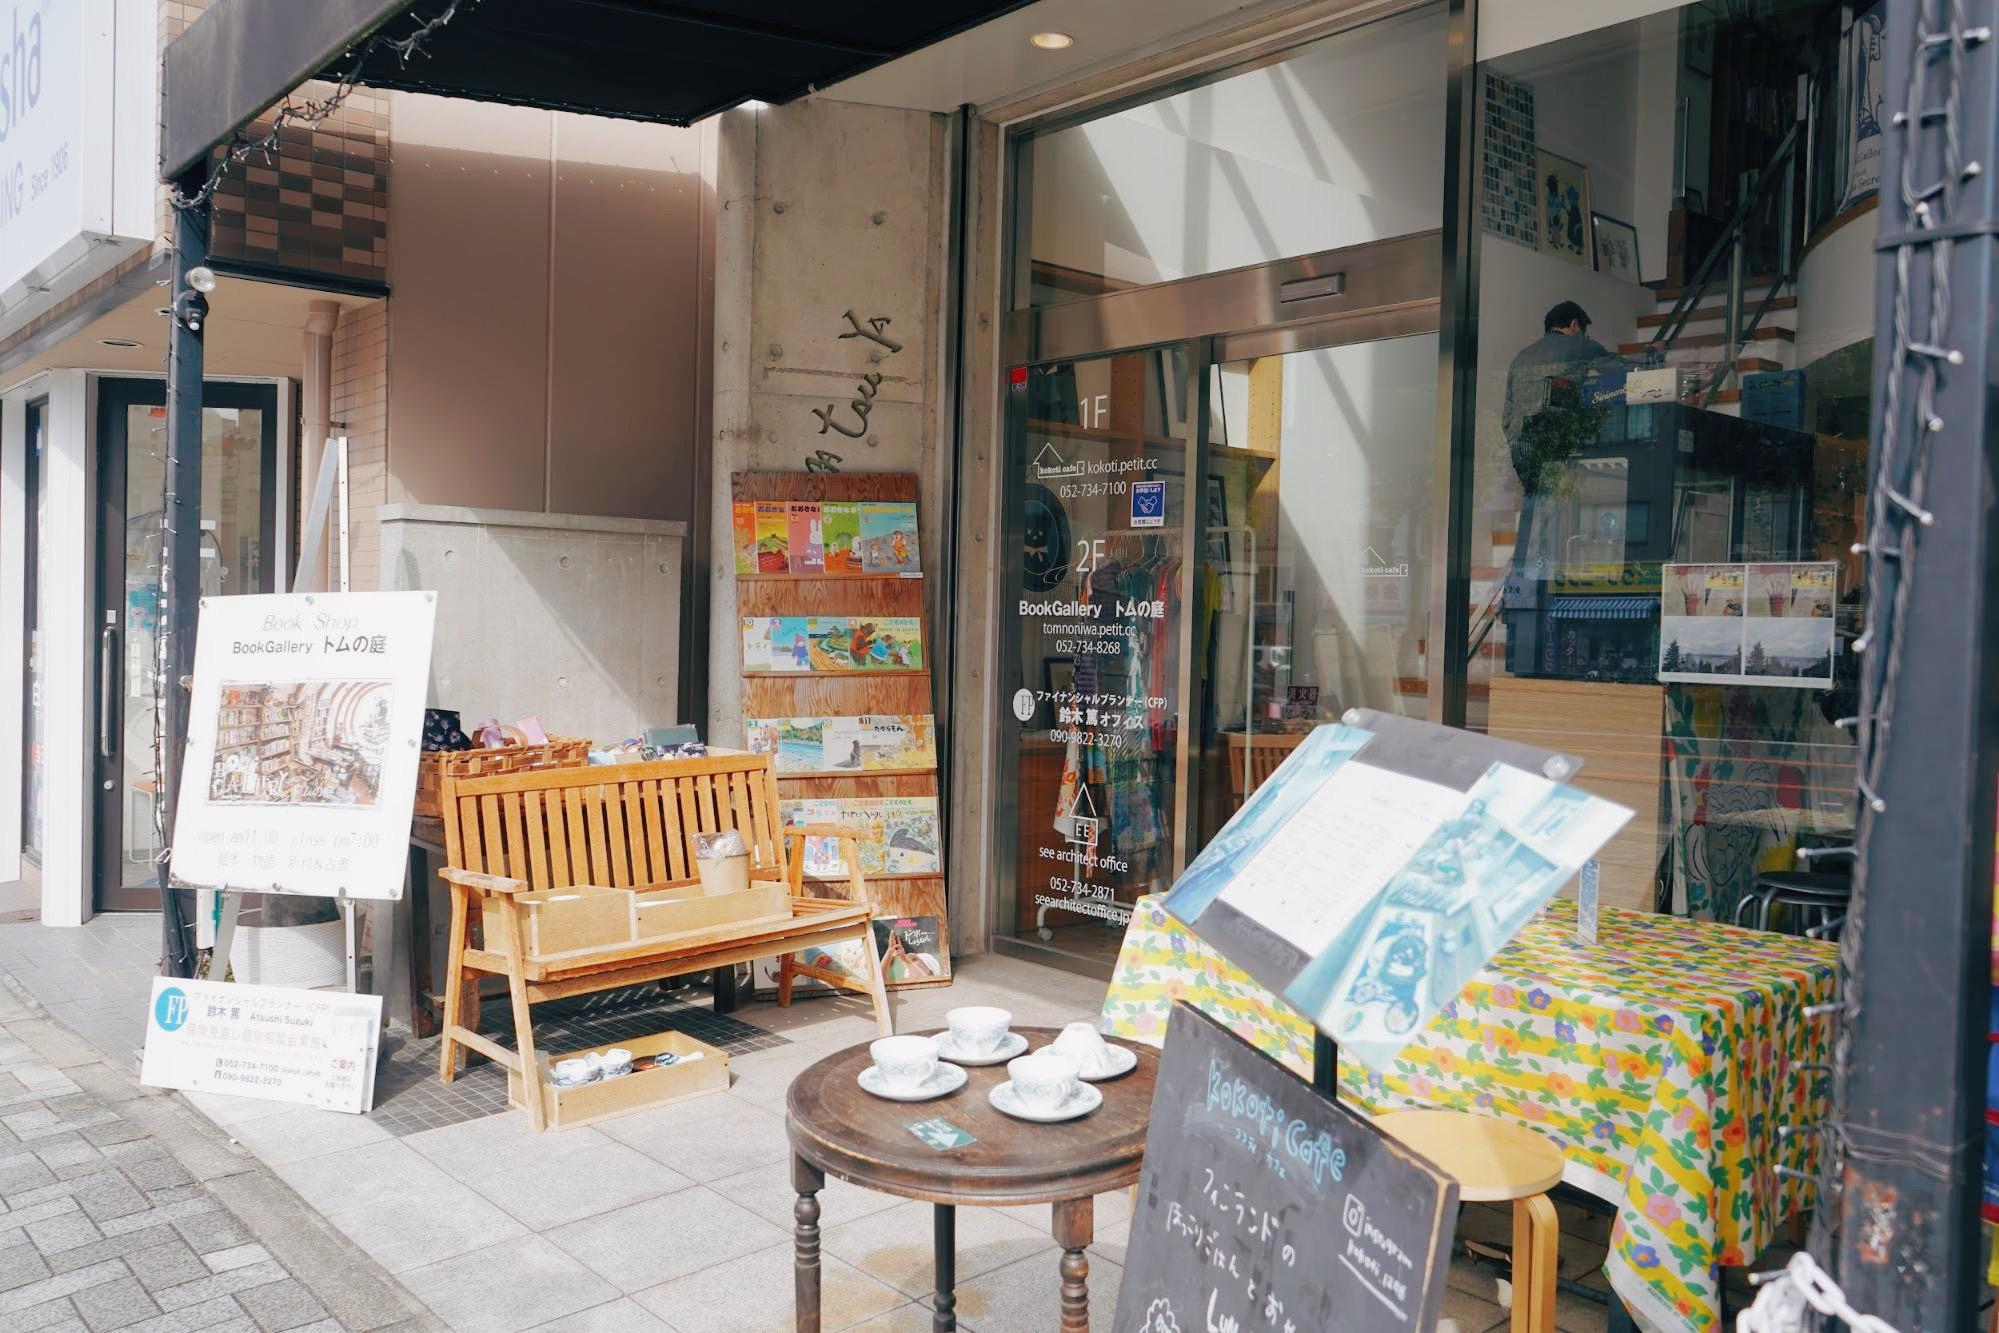 「ただいま」って言いたくなったら。通うほどに心地よくなるブックカフェ『kokoti cafe』 - image7